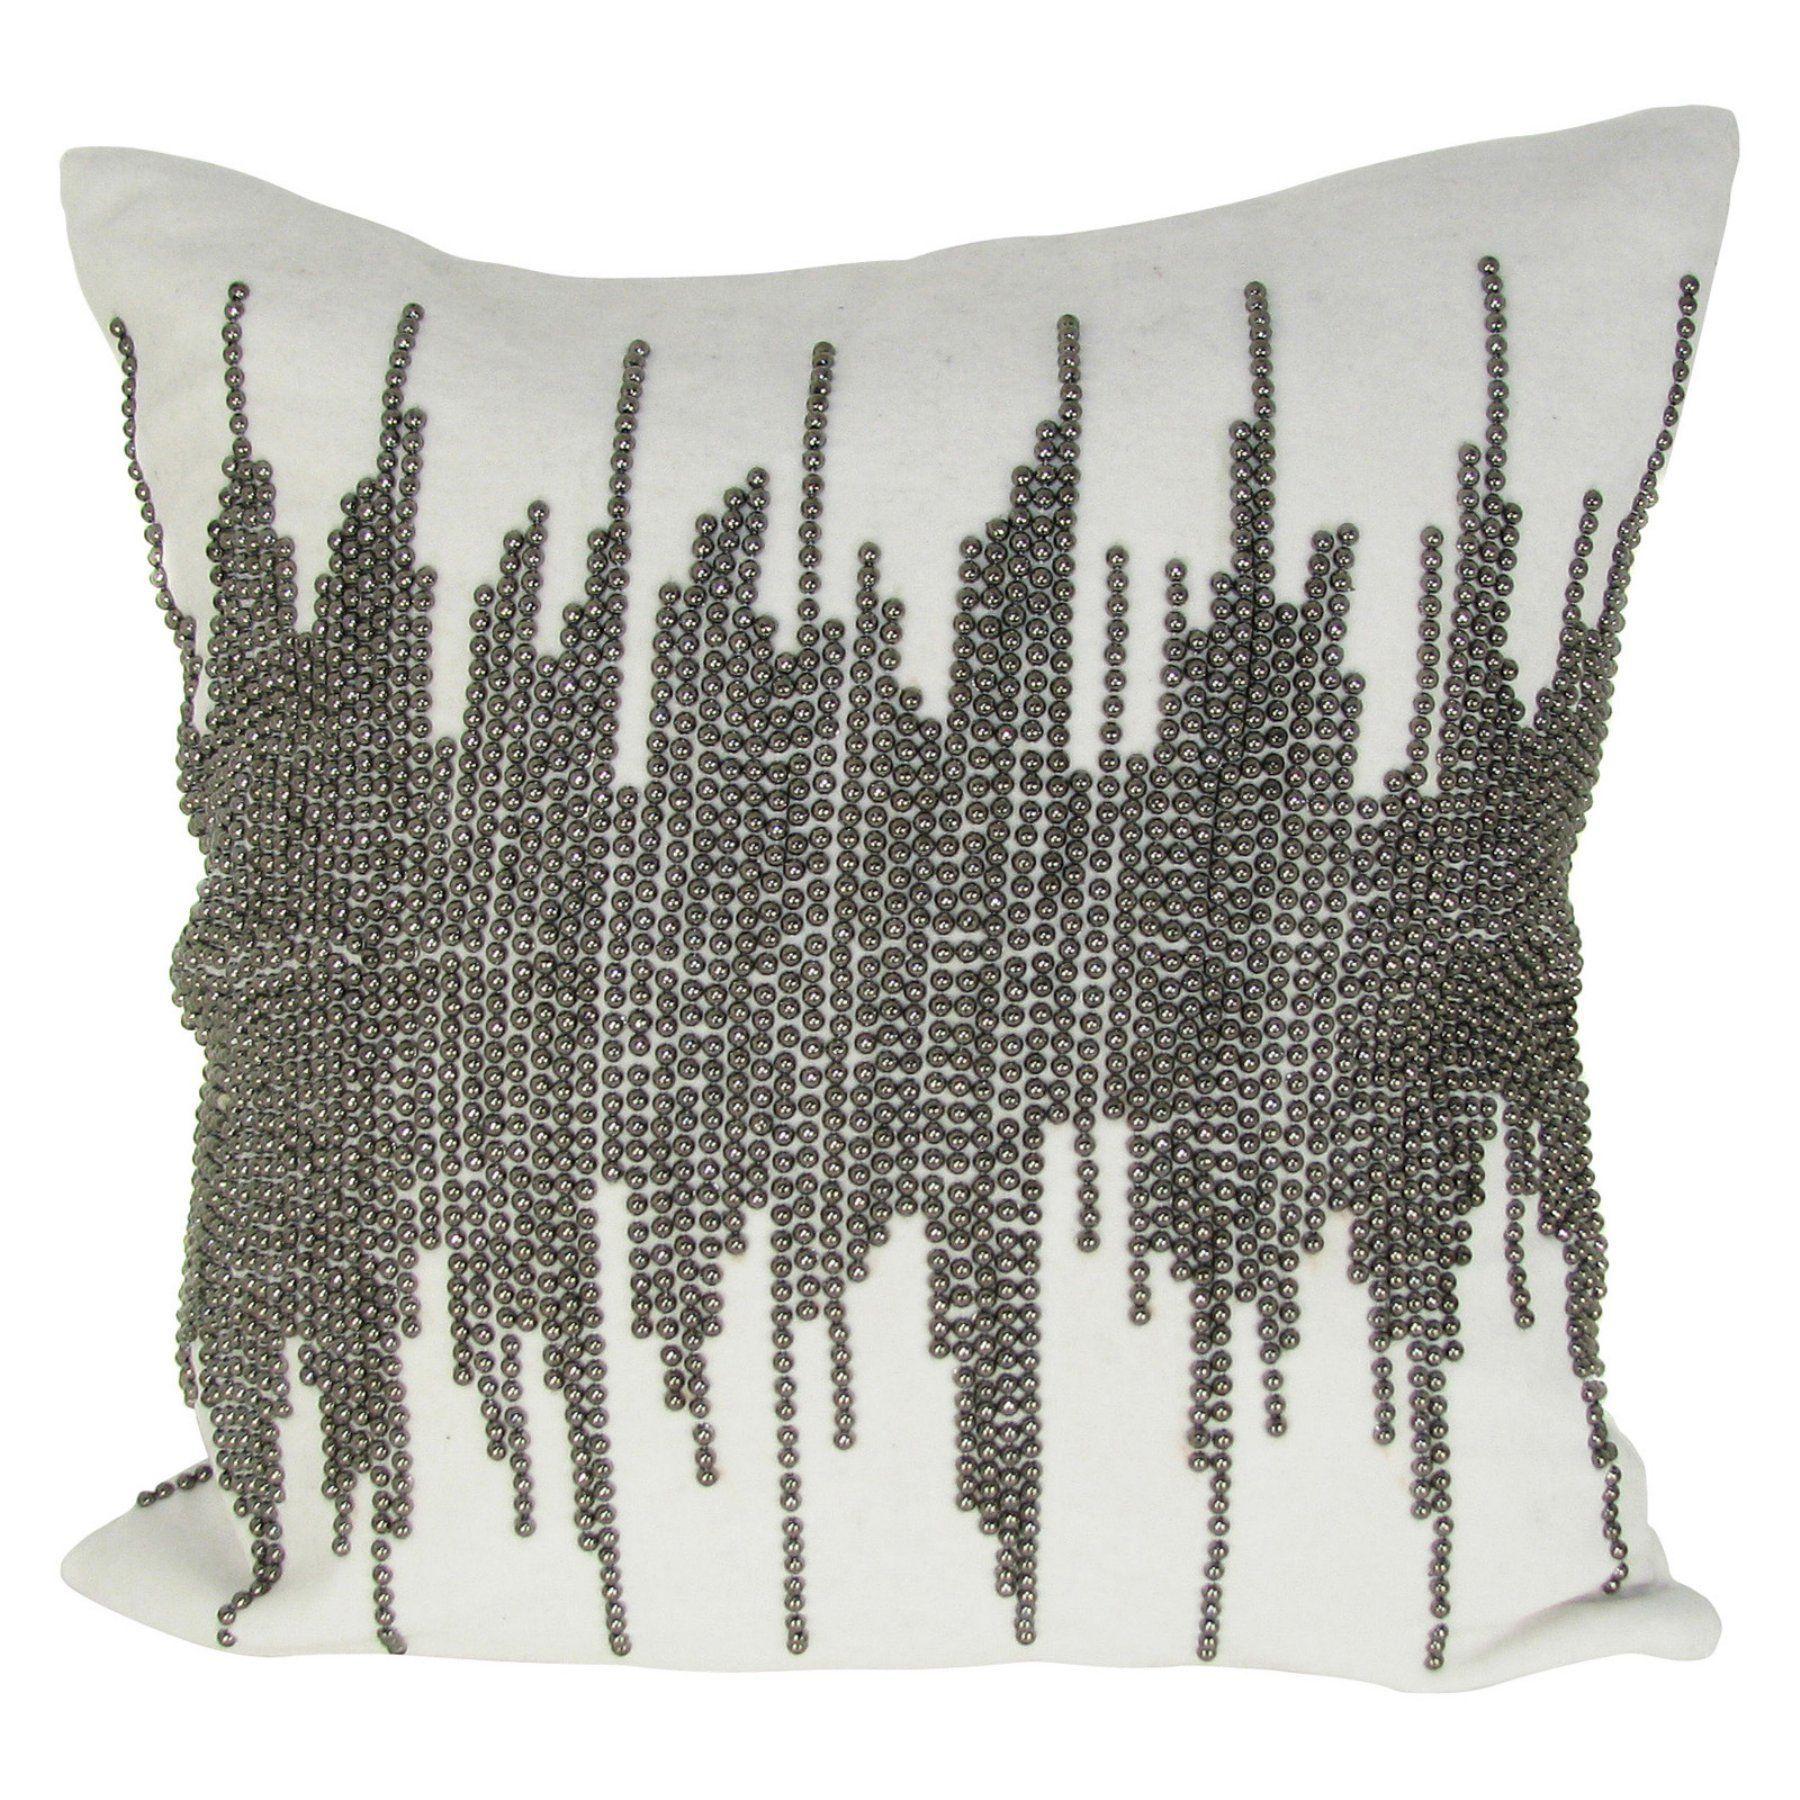 design accents shore velvet pillow  l x w in  kss  - design accents shore velvet pillow  l x w in  kss